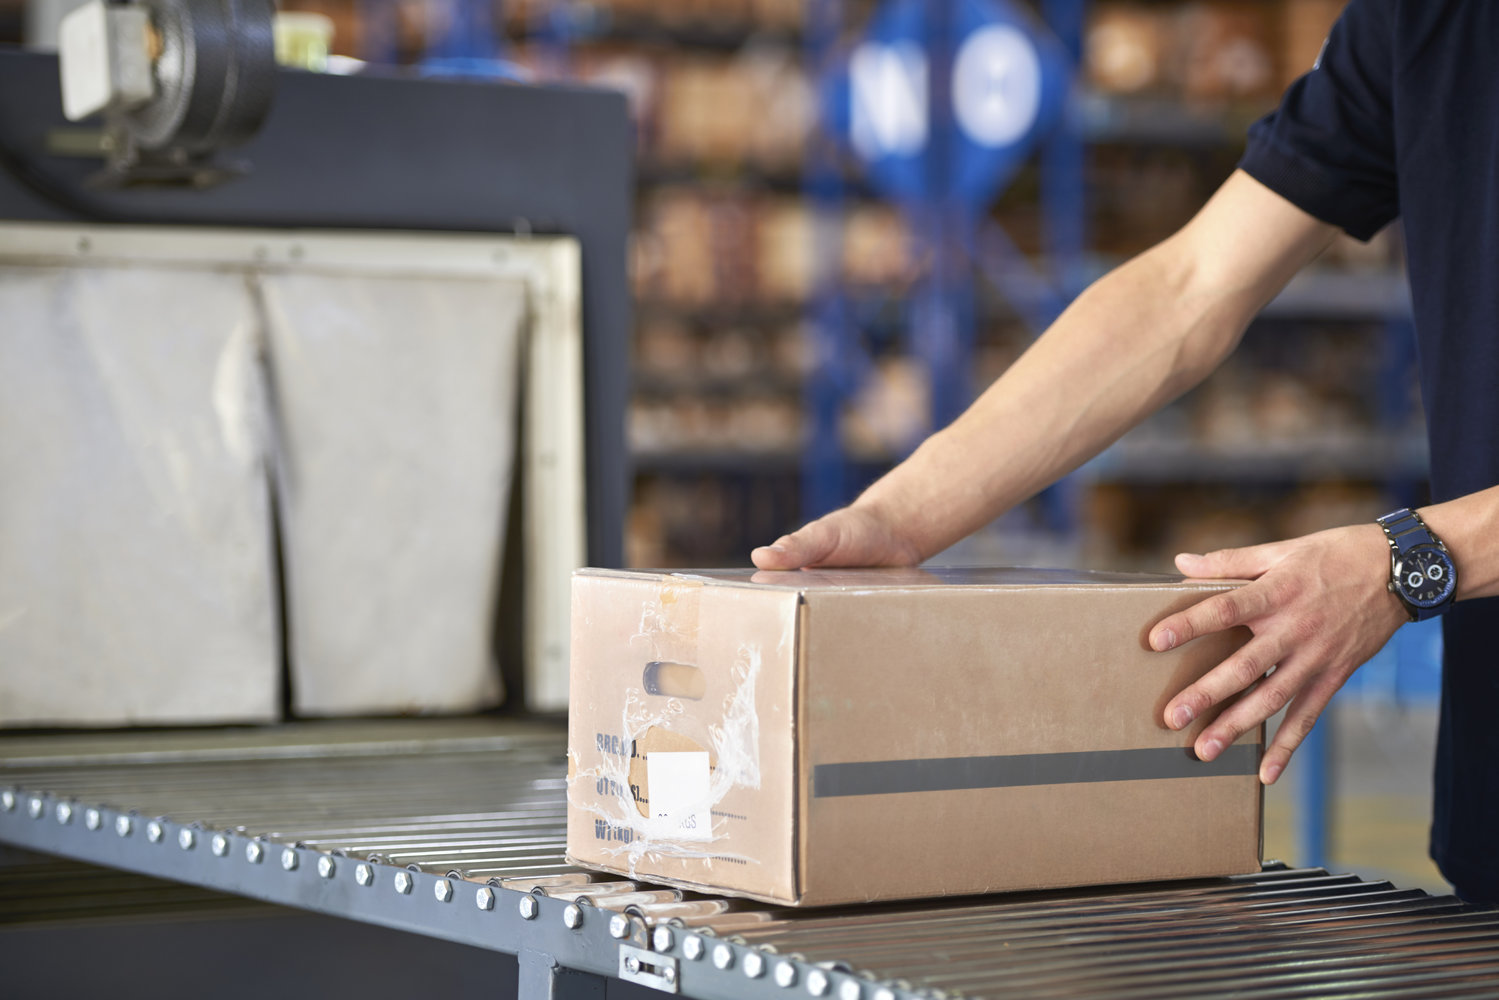 Formas de mejorar el proceso de logística